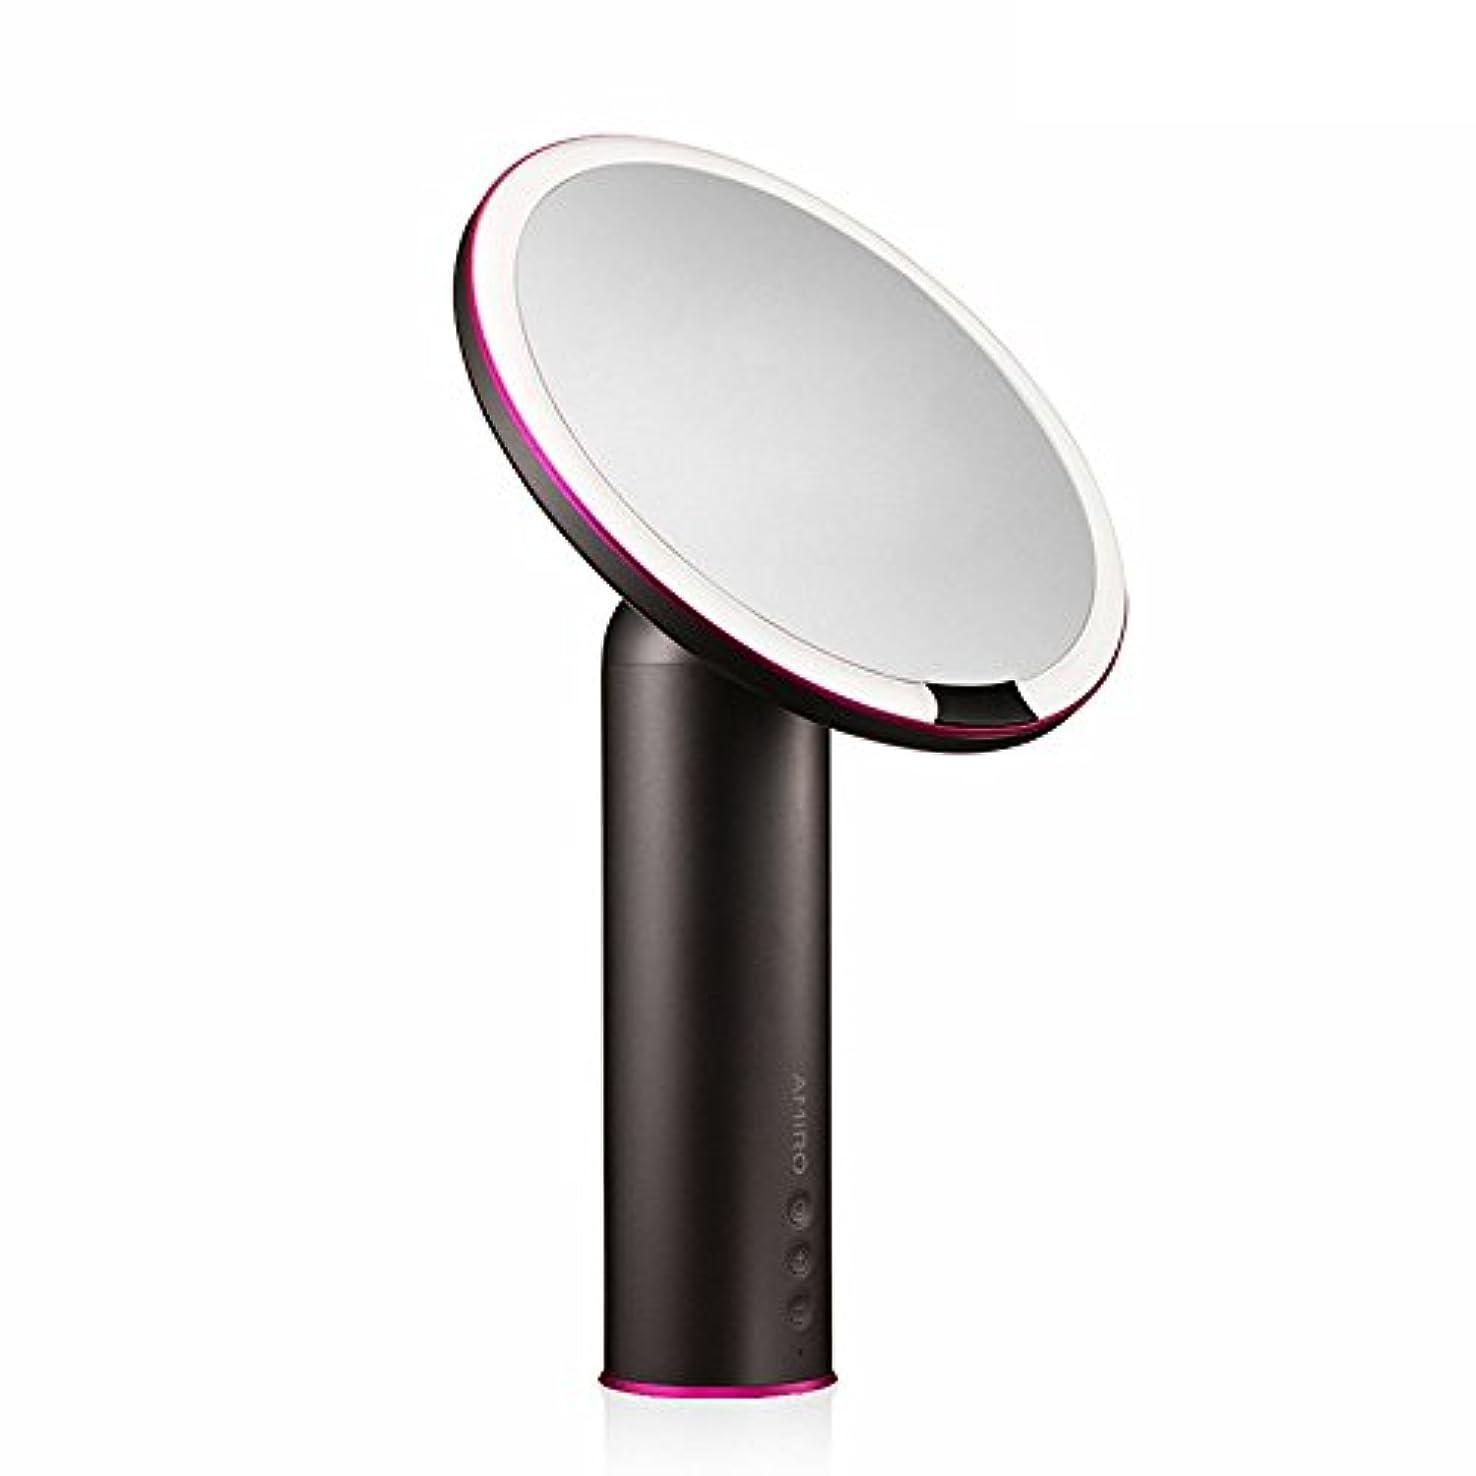 オゾン返還出費AMIRO センサー化粧鏡 化粧ミラー LEDライト付き 卓上鏡 女優ミラー 3段階明るさ調節可能 コードレス 充電式